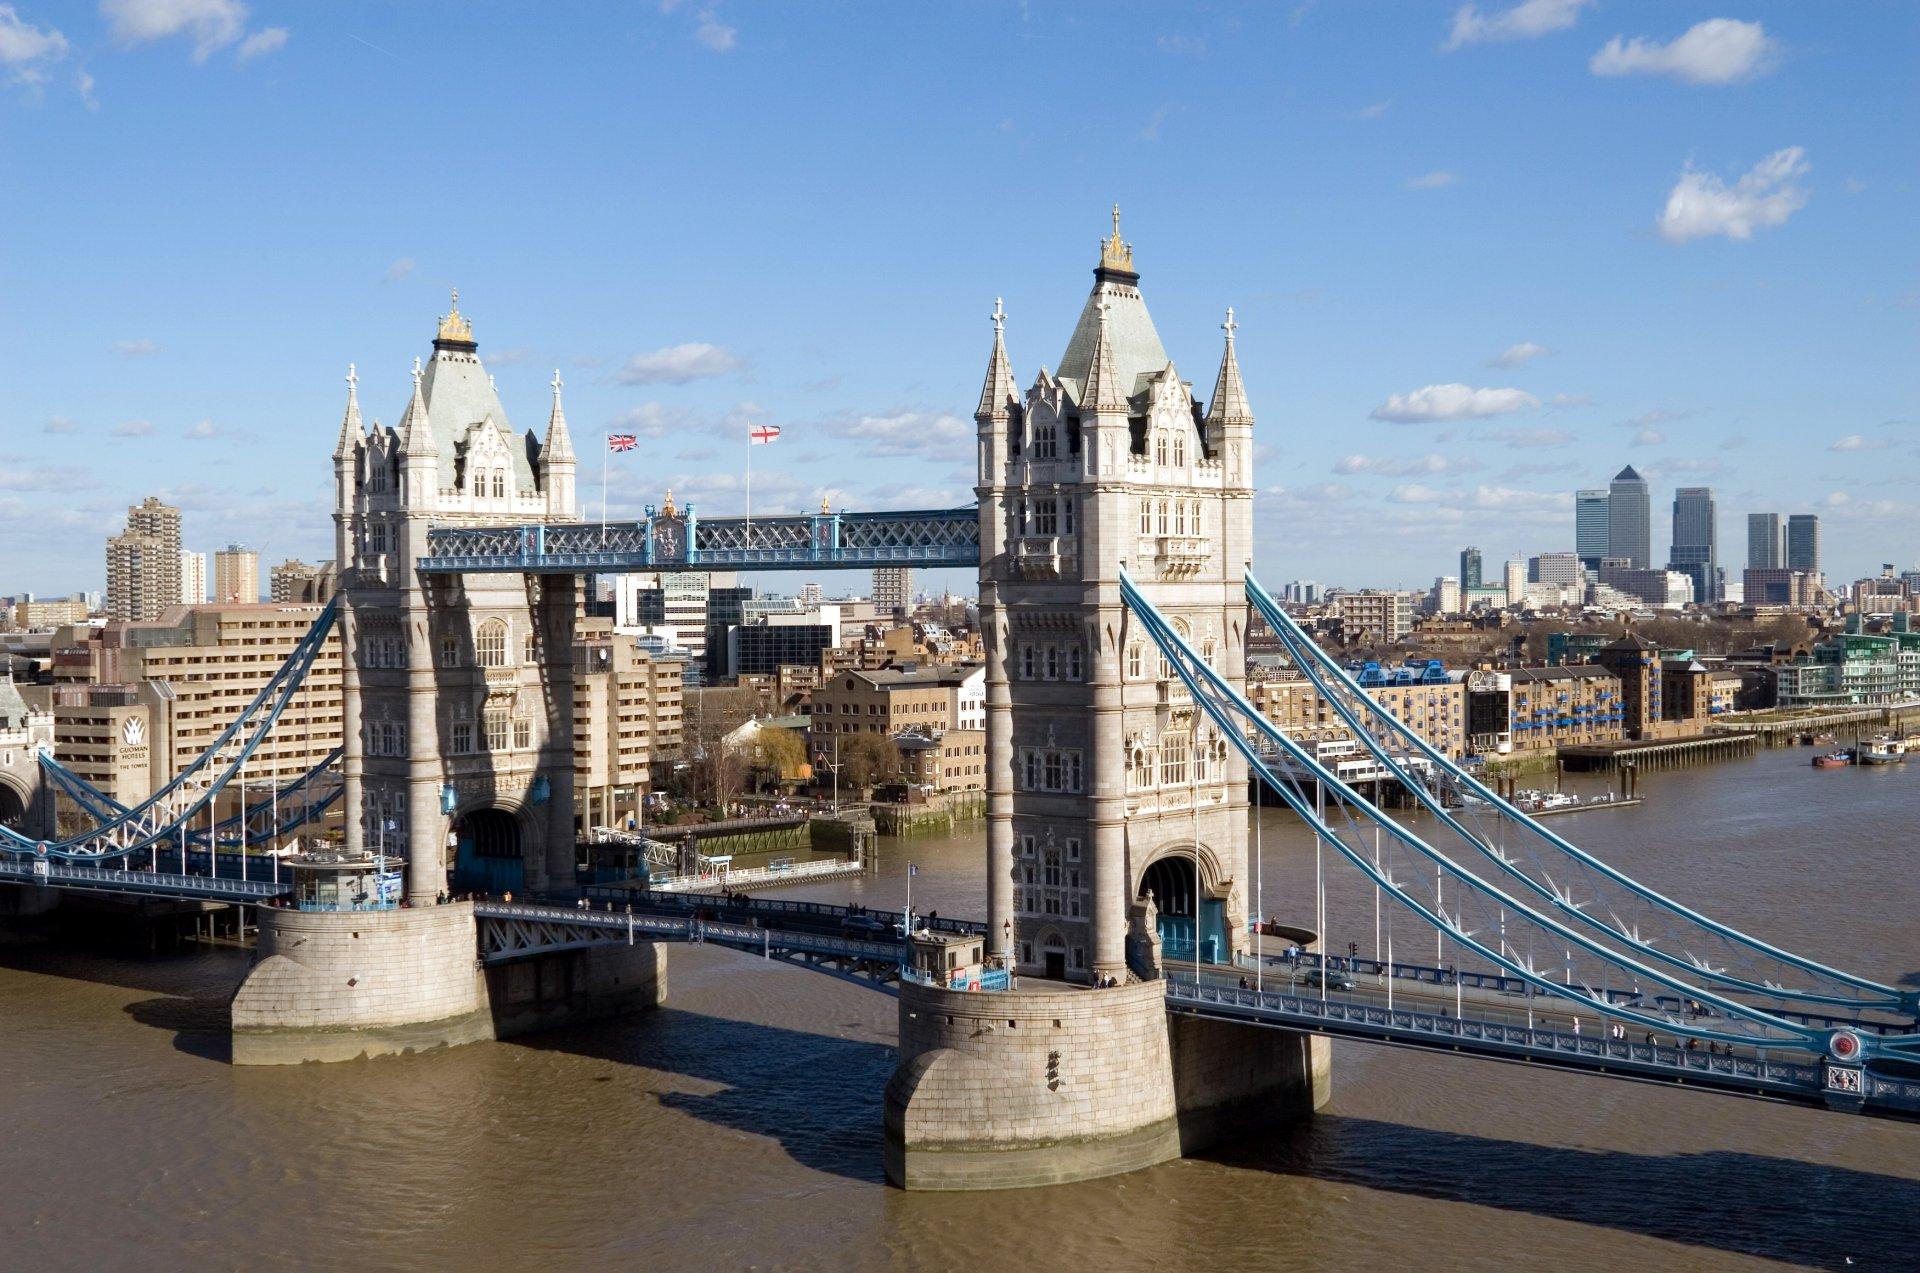 рассчитан фото лондона достопримечательные места конца